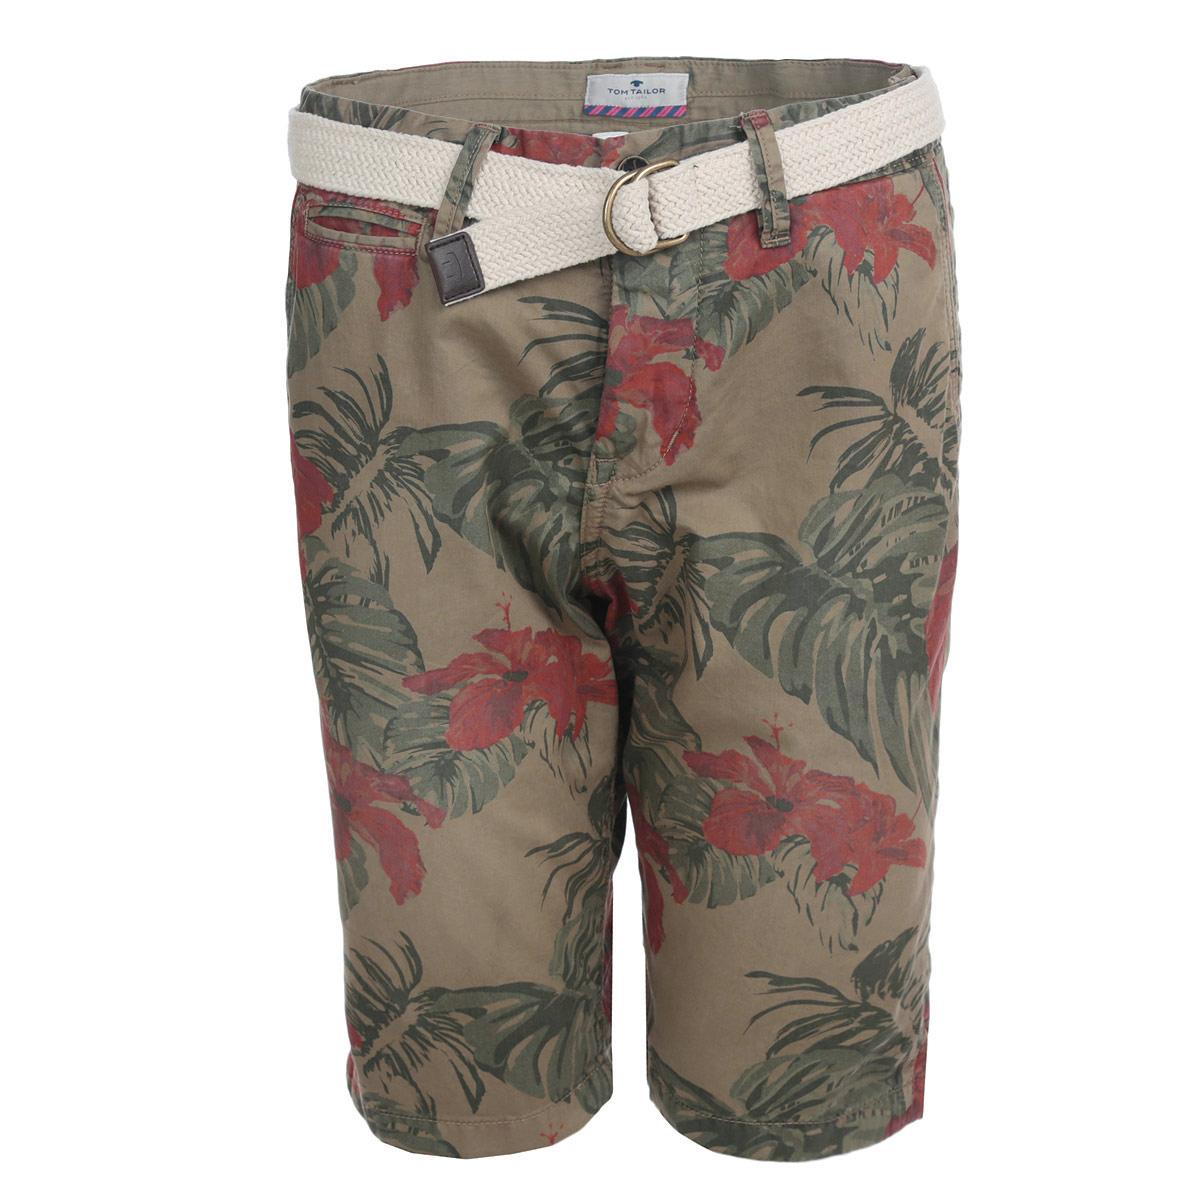 6403265.62.10_6635Стильные мужские шорты Tom Tailor изготовлены из плотной хлопковой ткани, которая подарит вам максимальный комфорт и удобство в жаркую погоду. Модель прямого покроя застегивается на пуговицу в поясе и ширинку на молнии, предусмотрены шлевки для ремня. Спереди шорты дополнены двумя втачными карманами с косыми срезами и одним небольшим секретным кармашком, сзади - два прорезных кармана. Шорты оформлены цветочным принтом. Модель удачно дополняет плетеный из трикотажного шнура ремень с металлической пряжкой. Стильные мужские шорты - удобный и практичный элемент летнего гардероба.